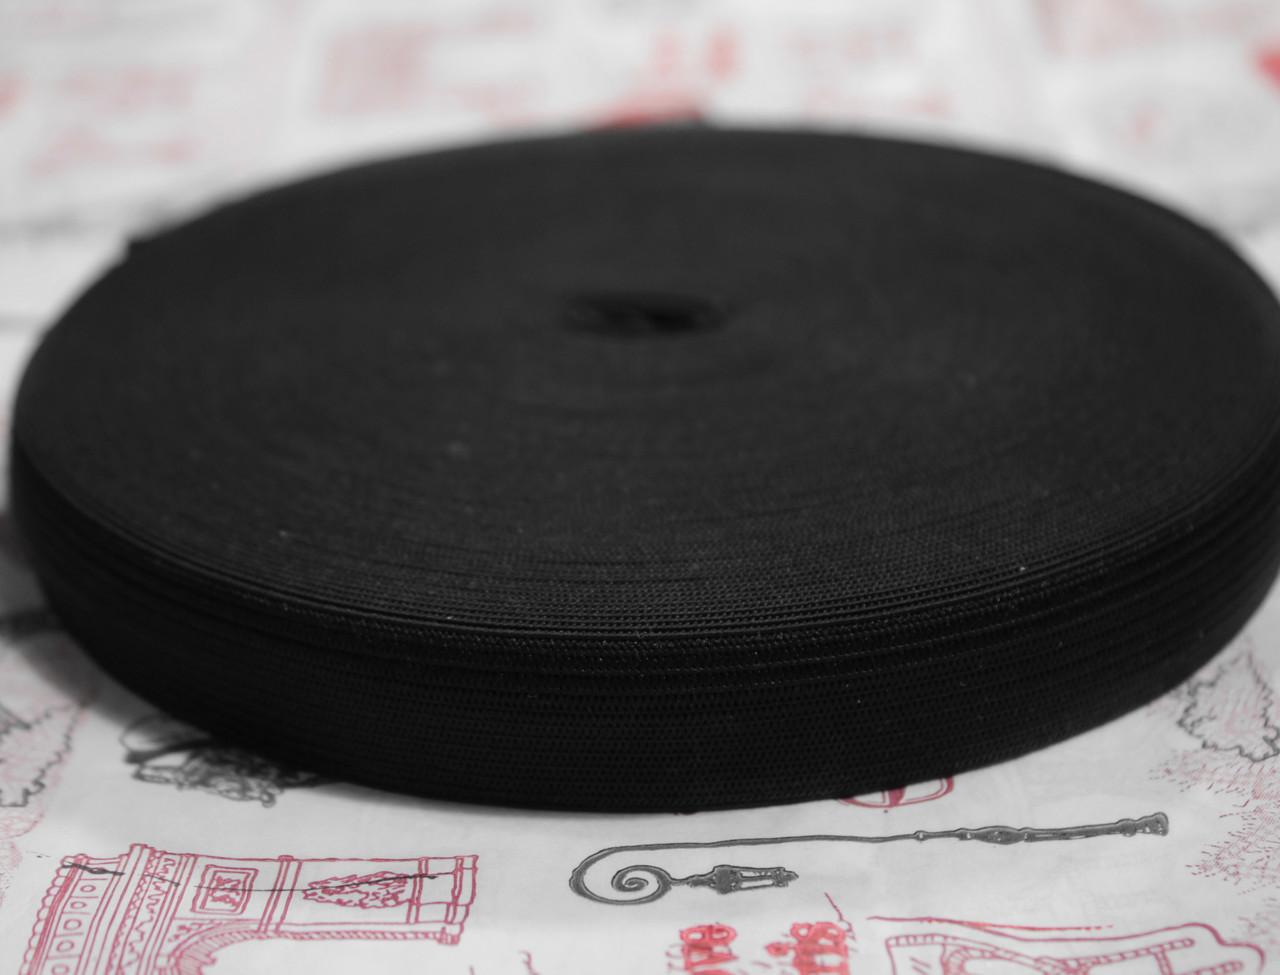 Резинка текстильная черная плотная 2,5см, 25м